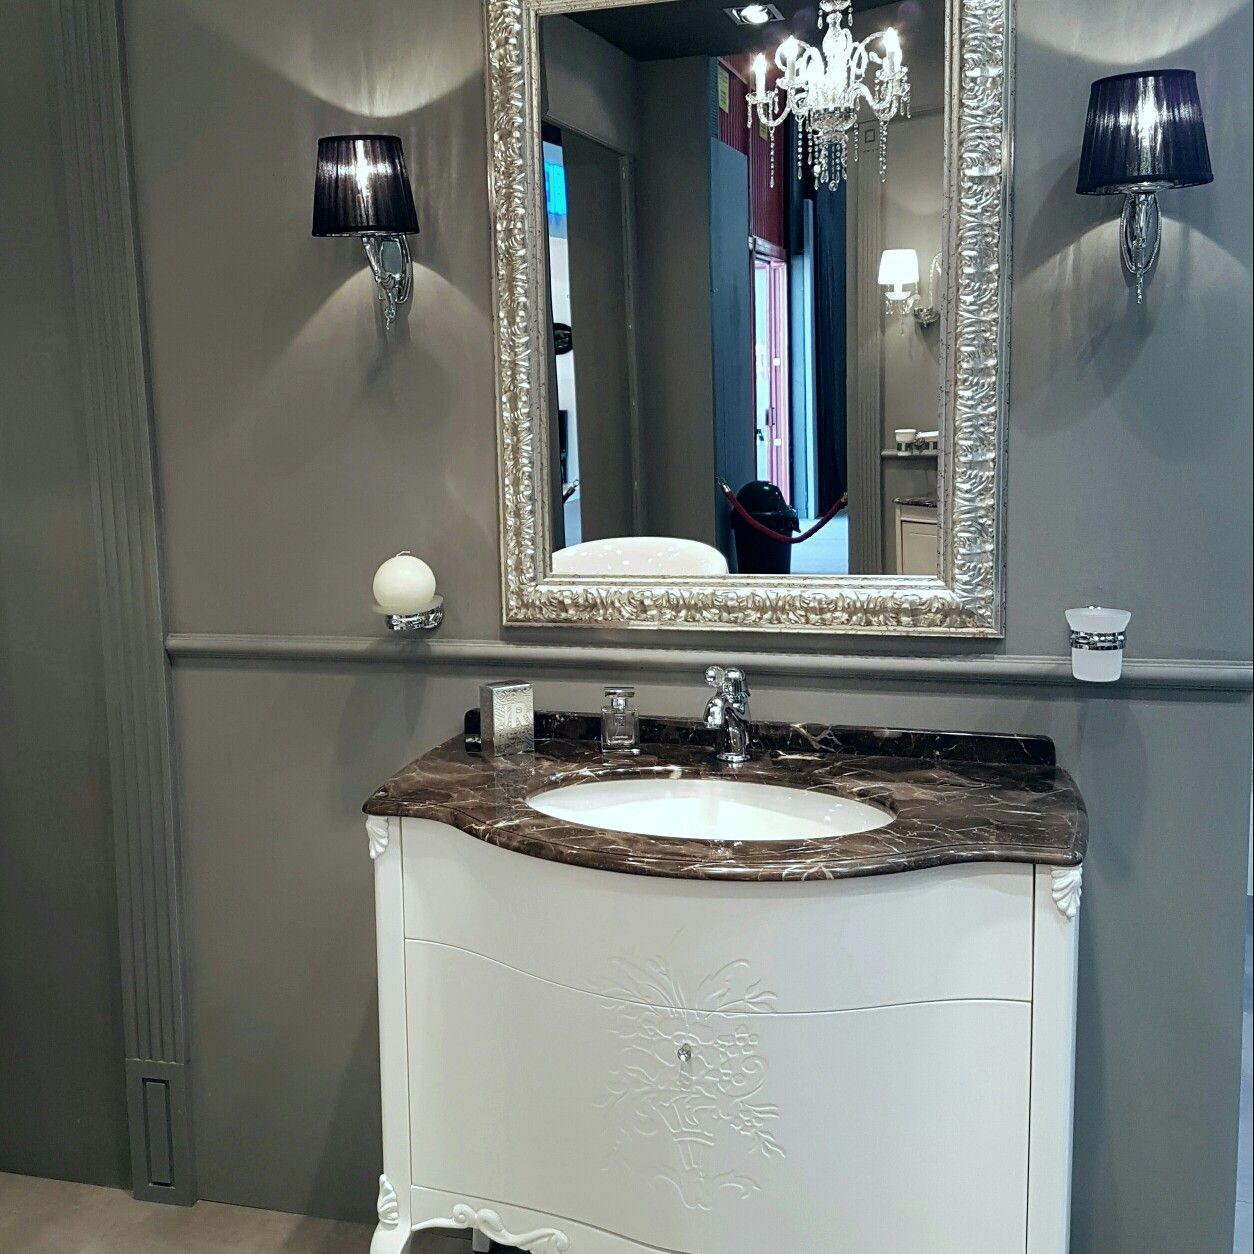 astoria by andrea magini designer bathroom lighting on custom bathroom vanity mirrors id=83710